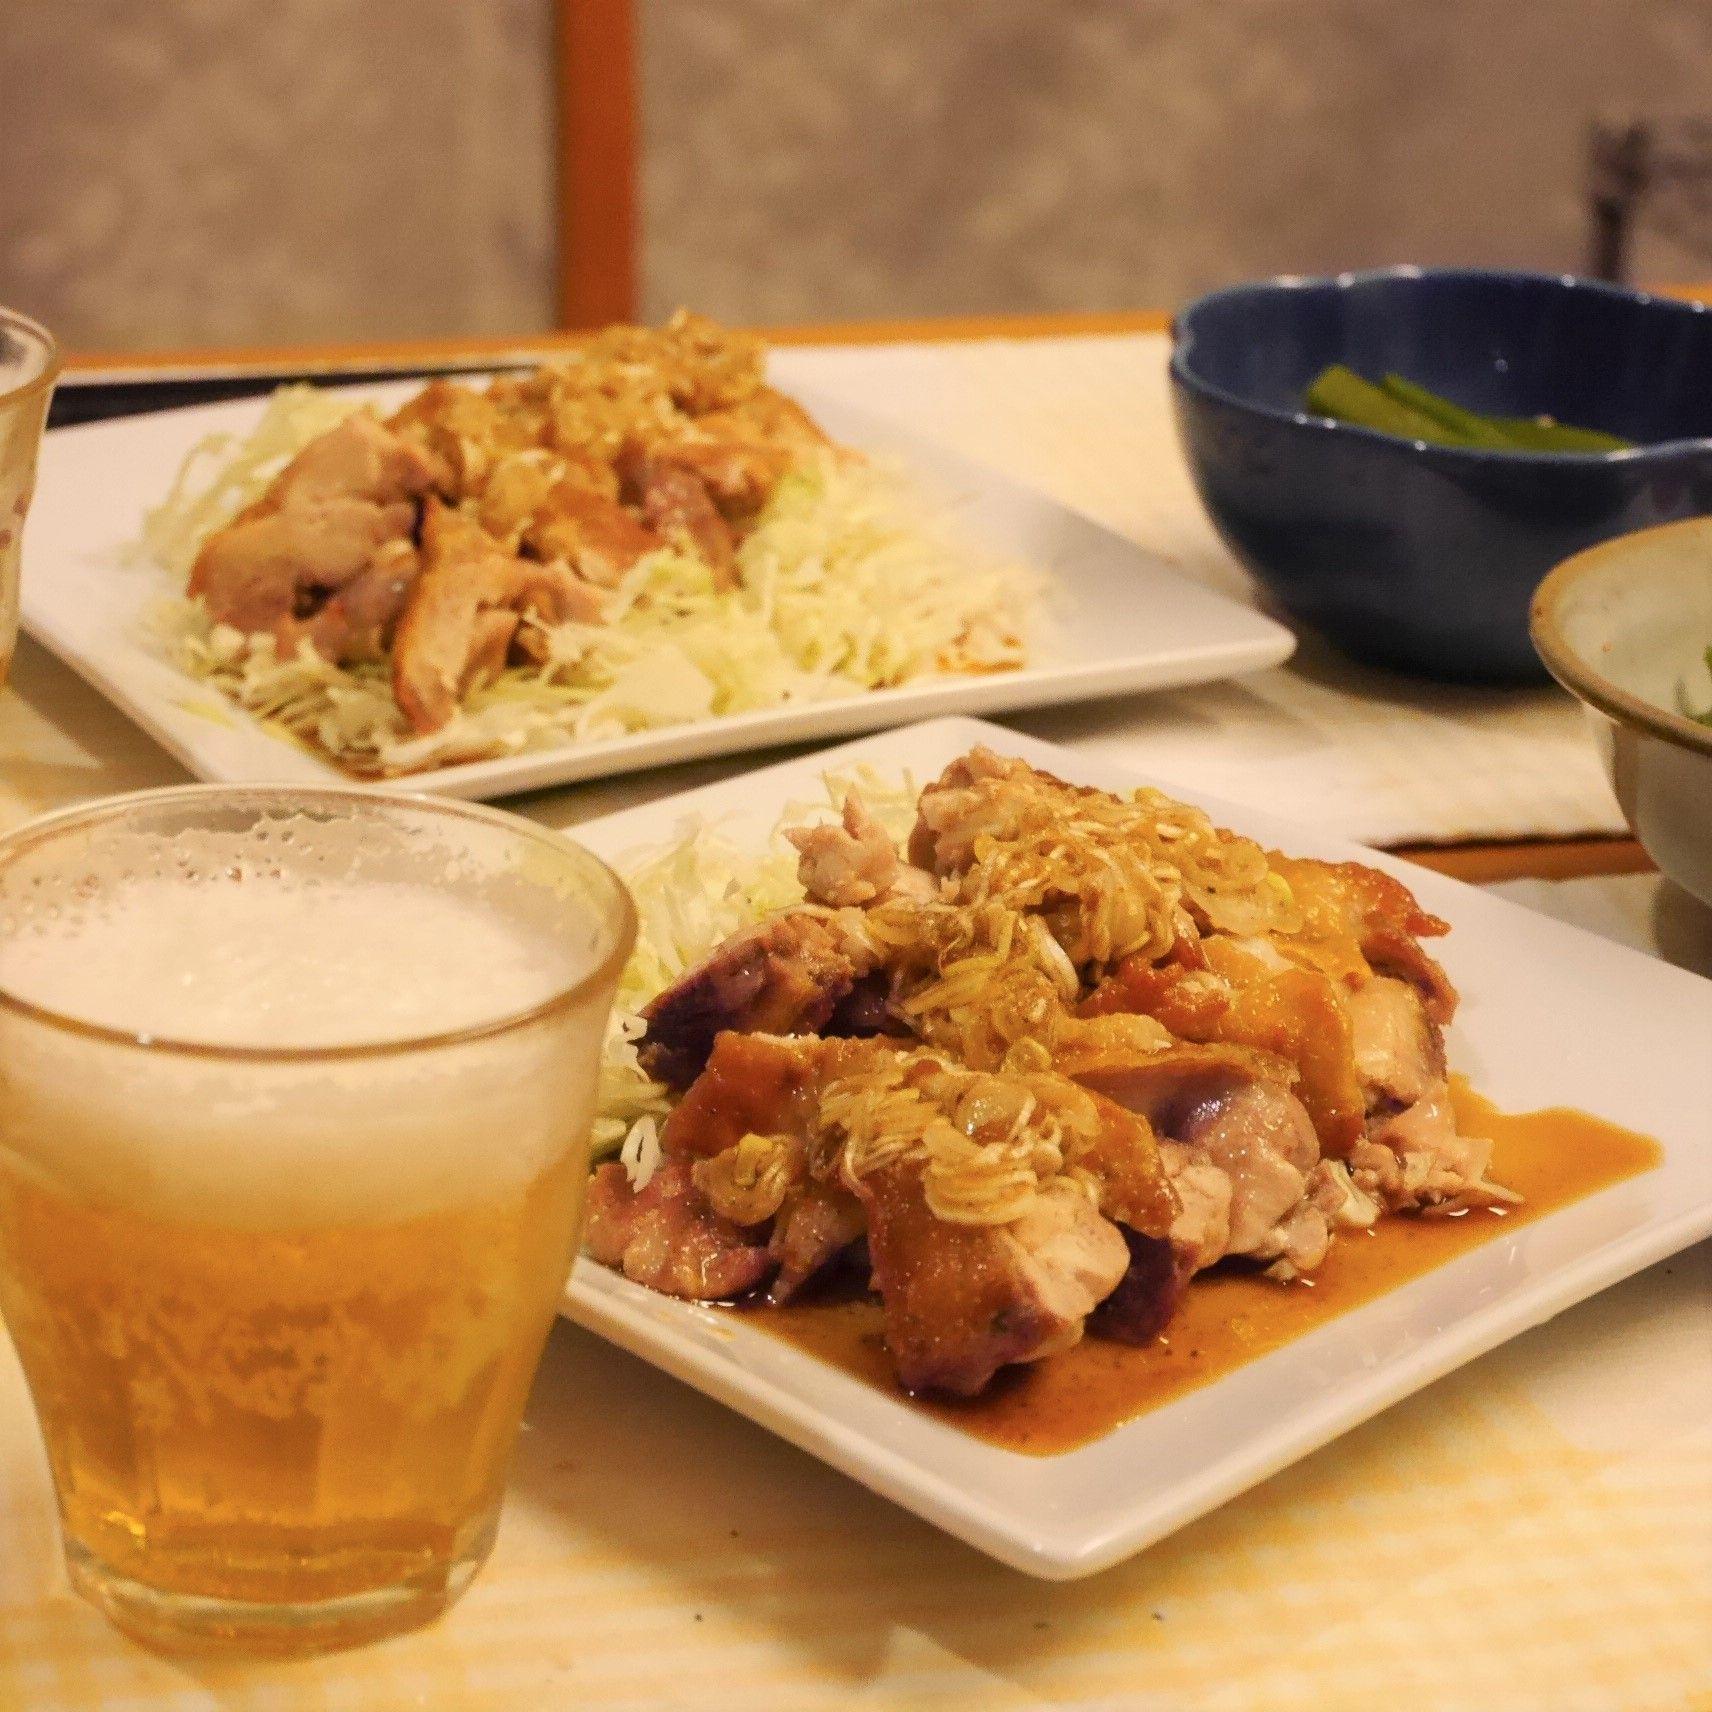 鶏肉のパリパリ焼き★ネギポン酢でさっぱり_食卓